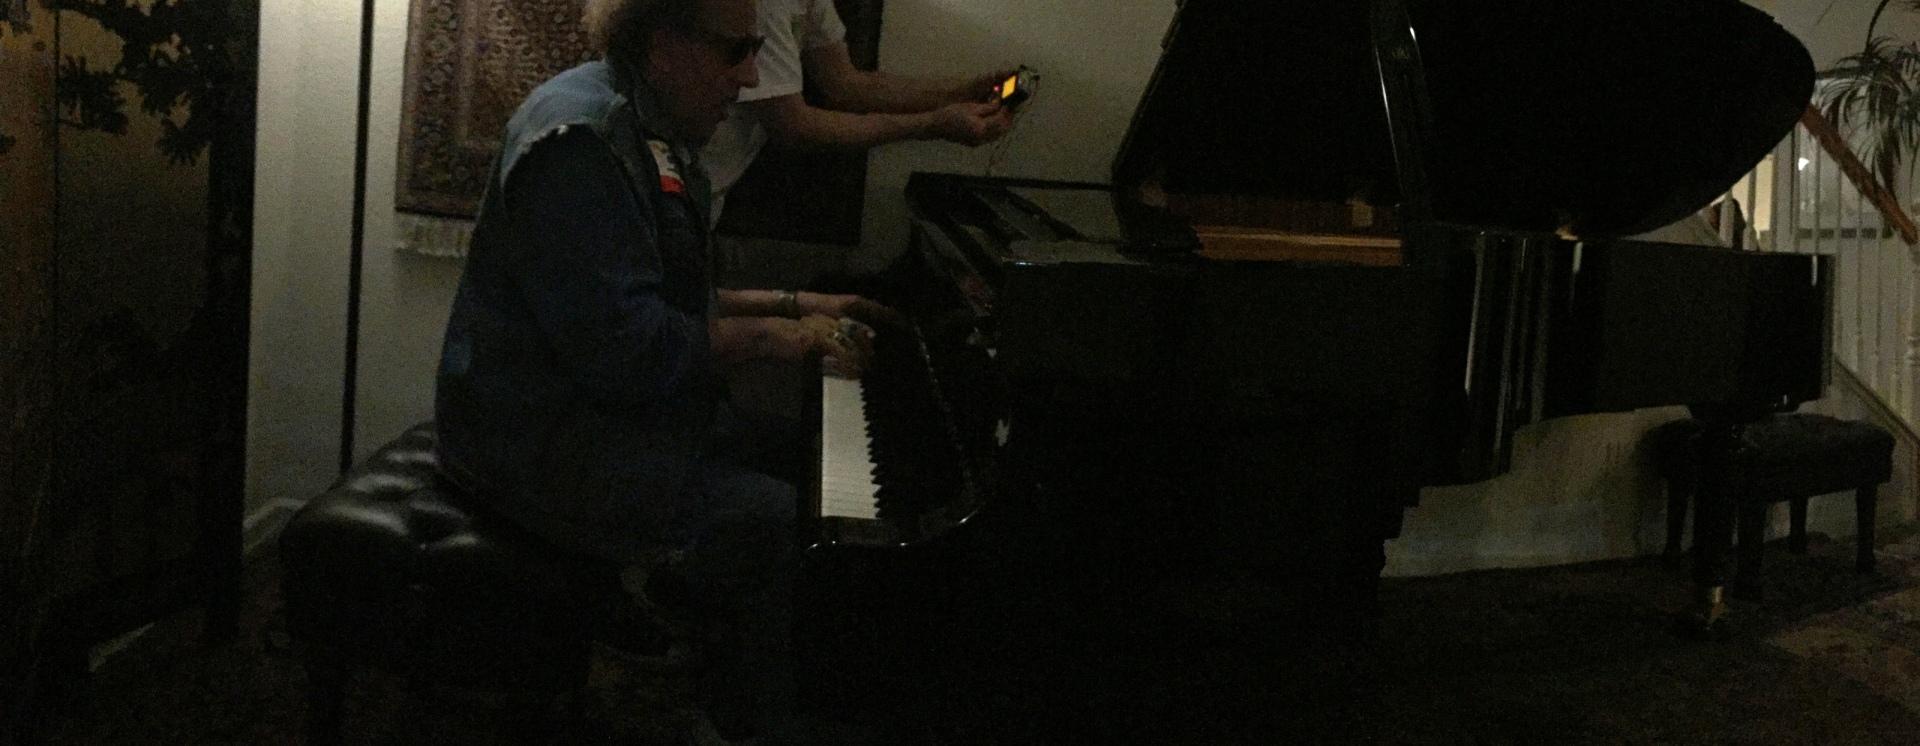 Grand piano copy